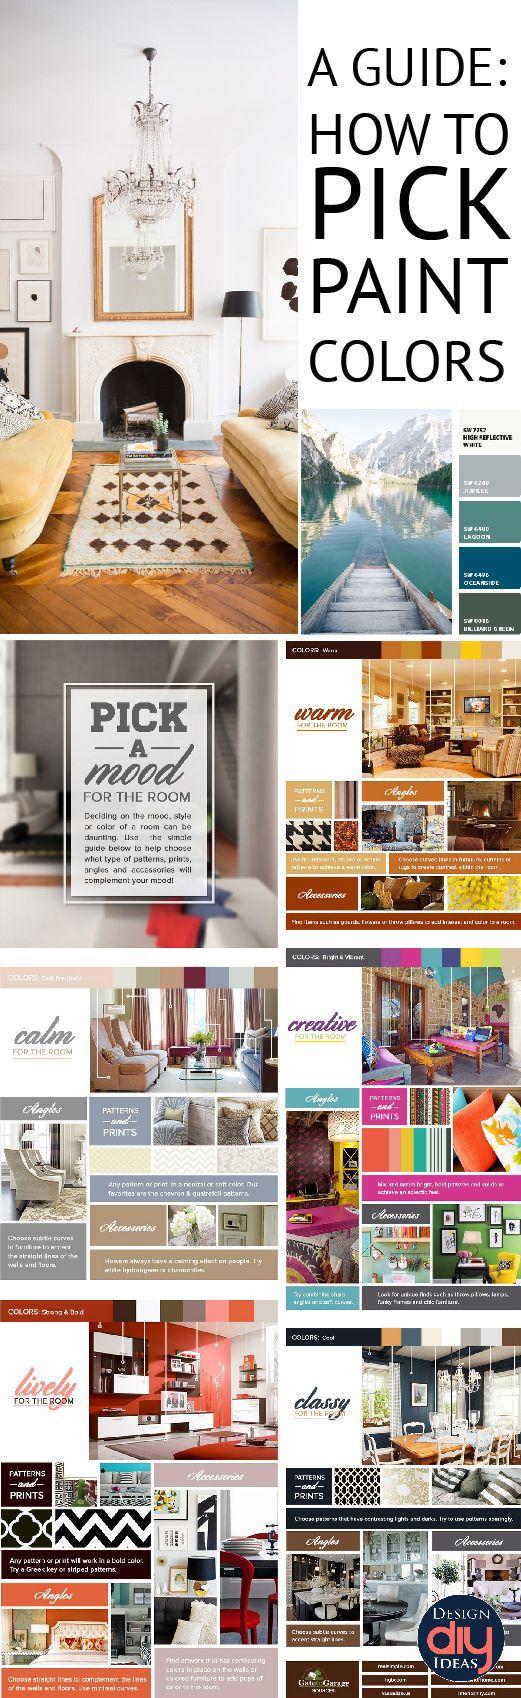 paint colors on pinterest interior paint colors best paint colors. Black Bedroom Furniture Sets. Home Design Ideas